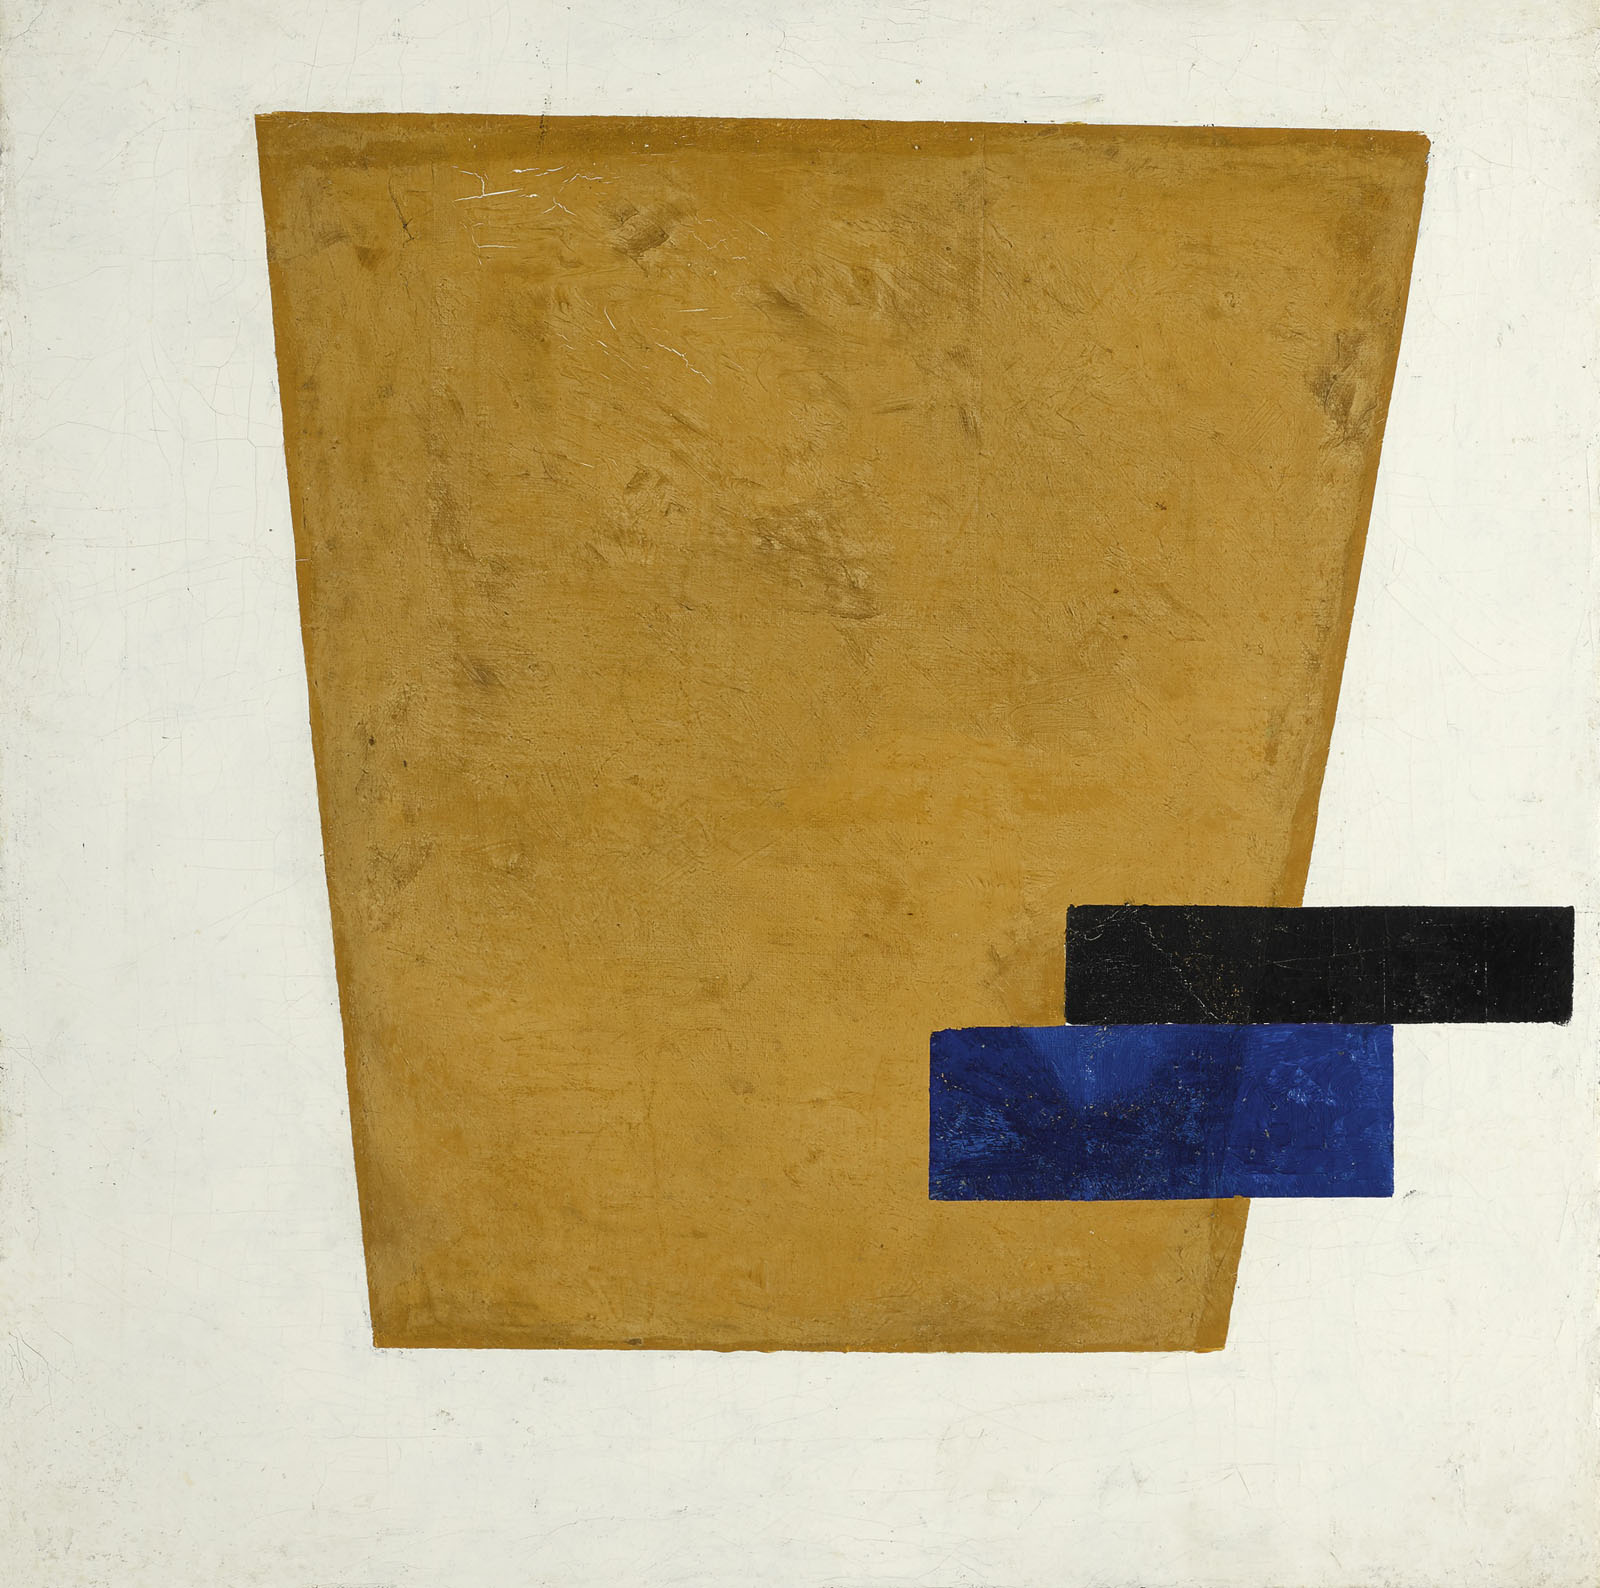 Казимир Малевич. Супрематическая композиция с плоскостью в проекции, 1915